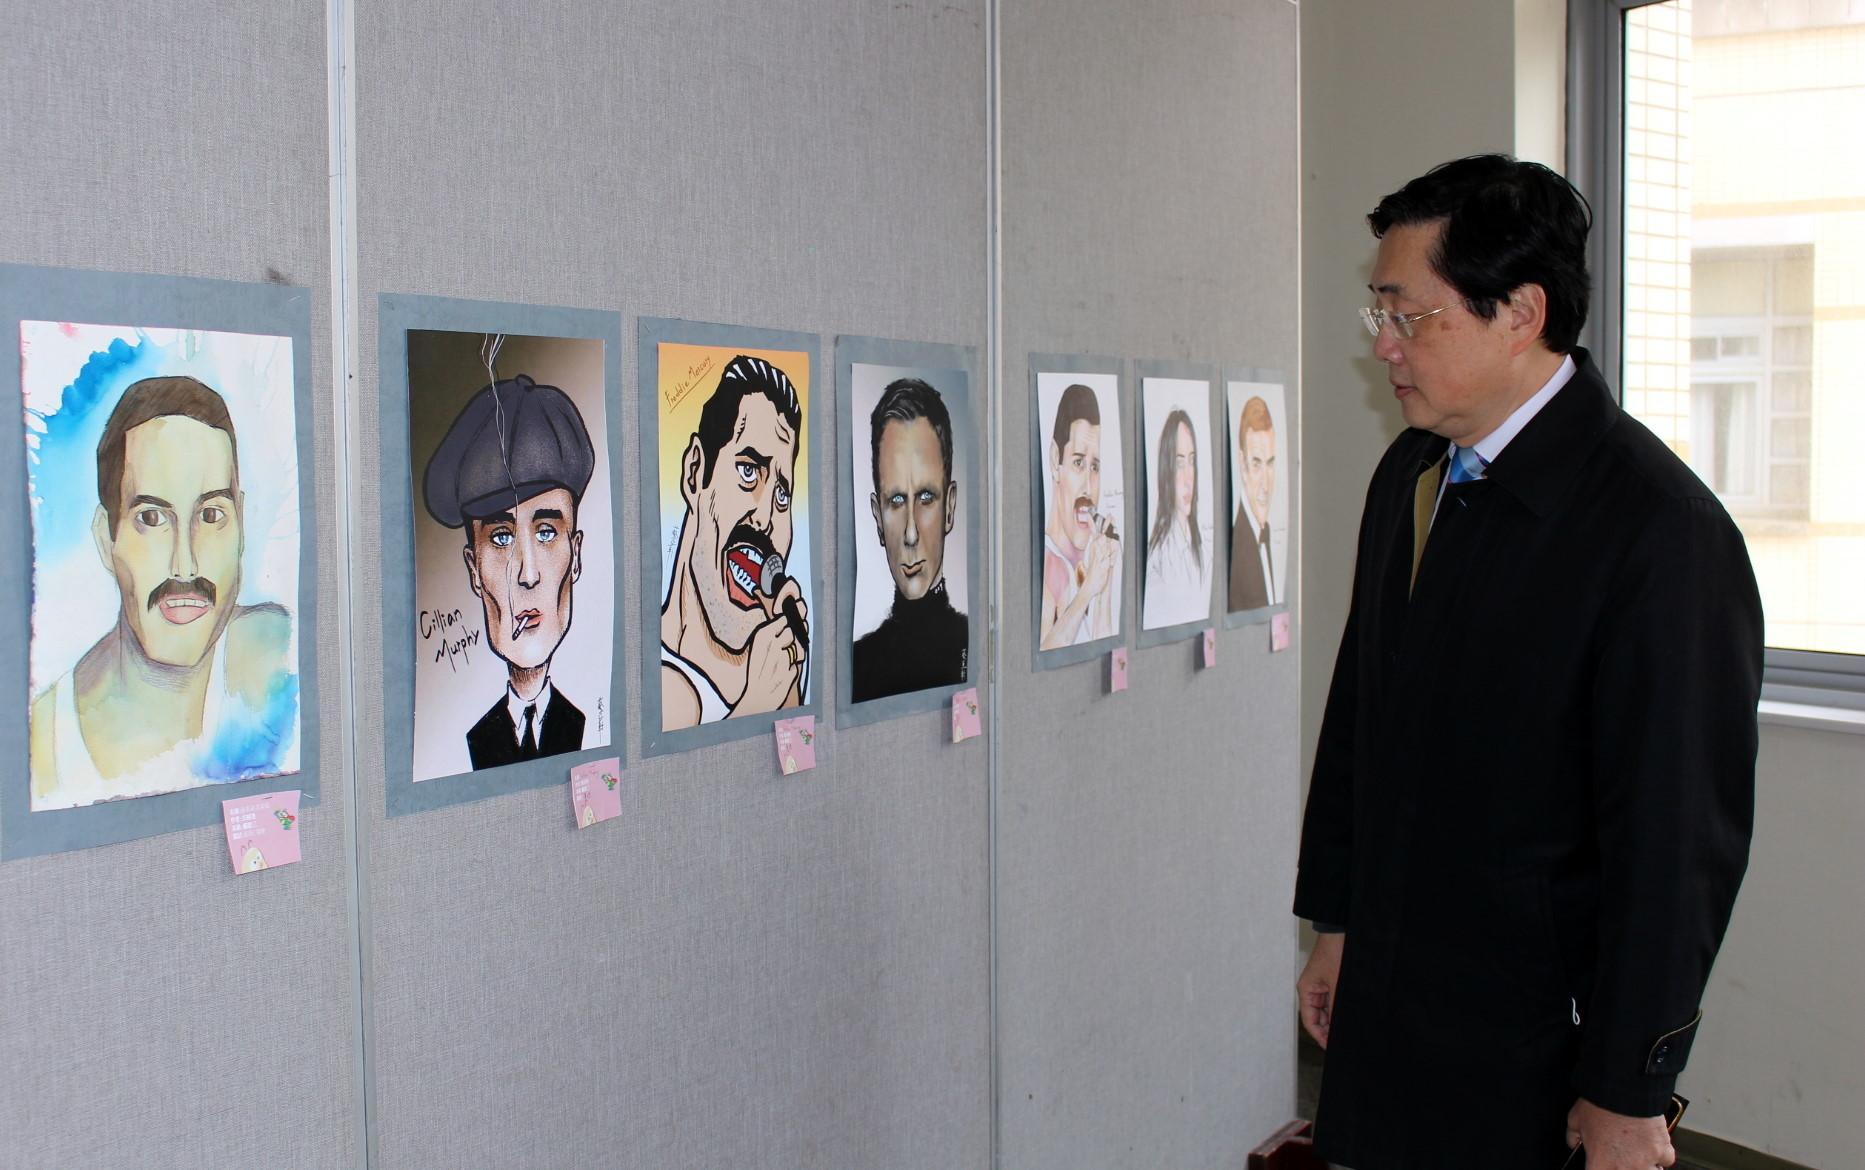 趙涵㨗校長認真欣賞同學們的成果作品